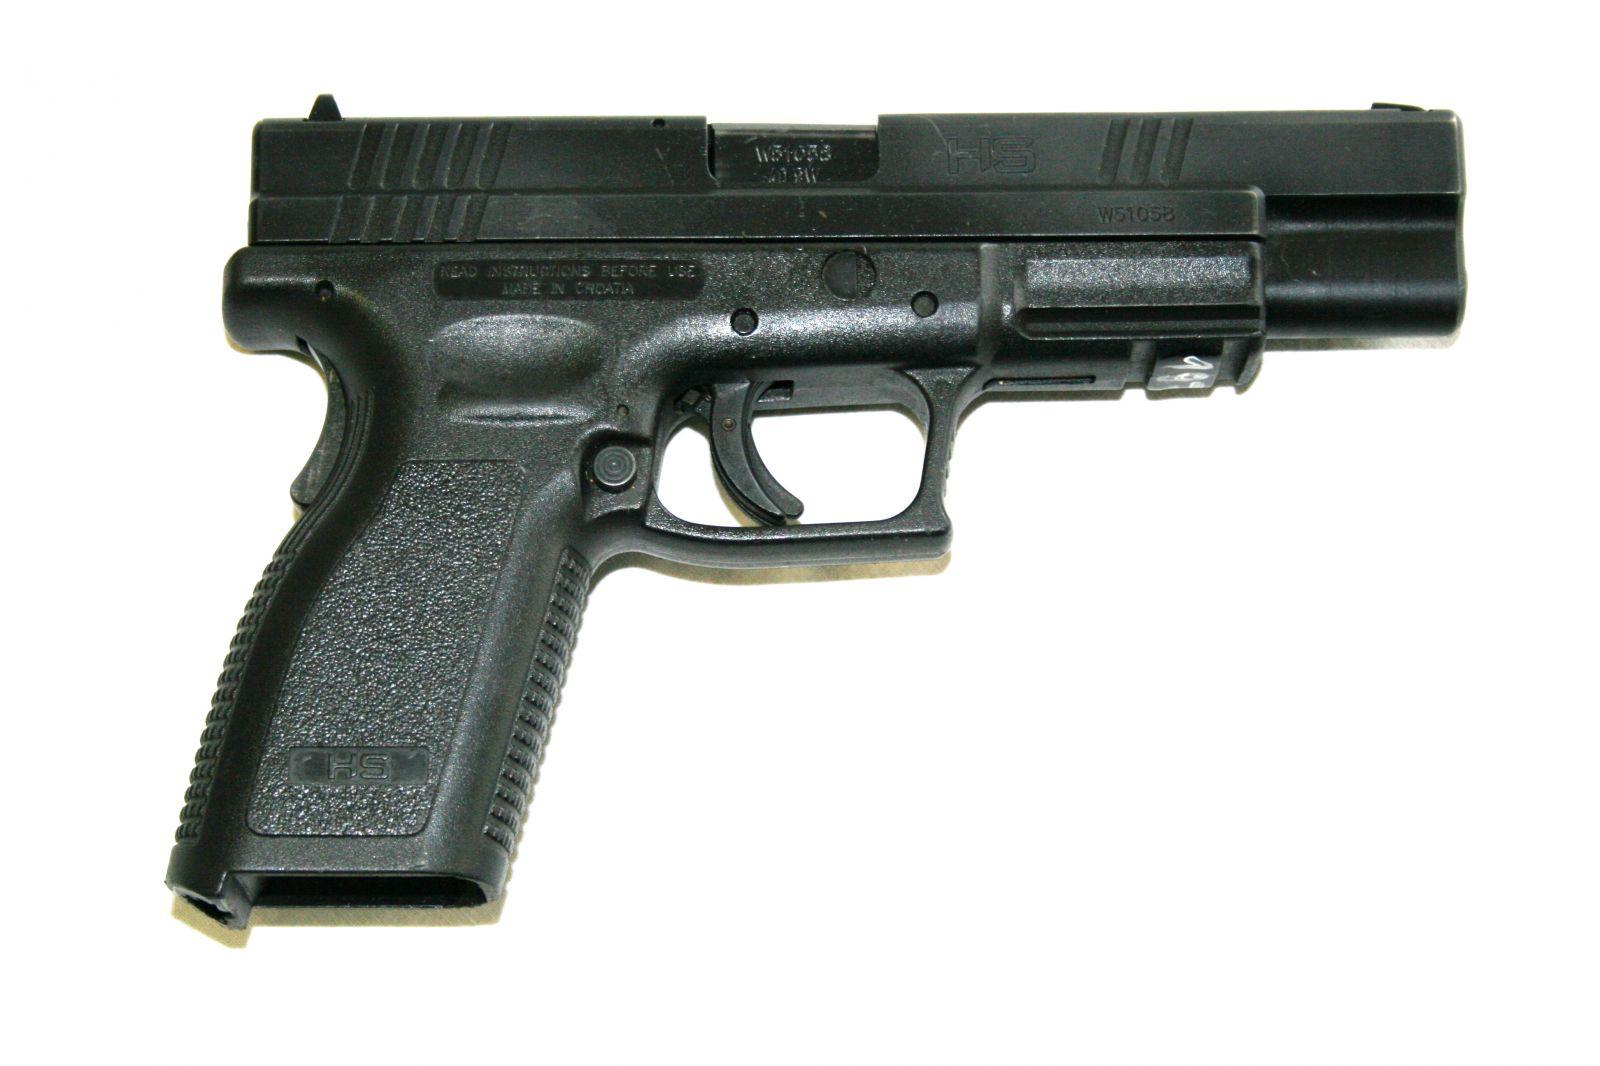 Pistole na zkoušku 8 zbraní nkteam